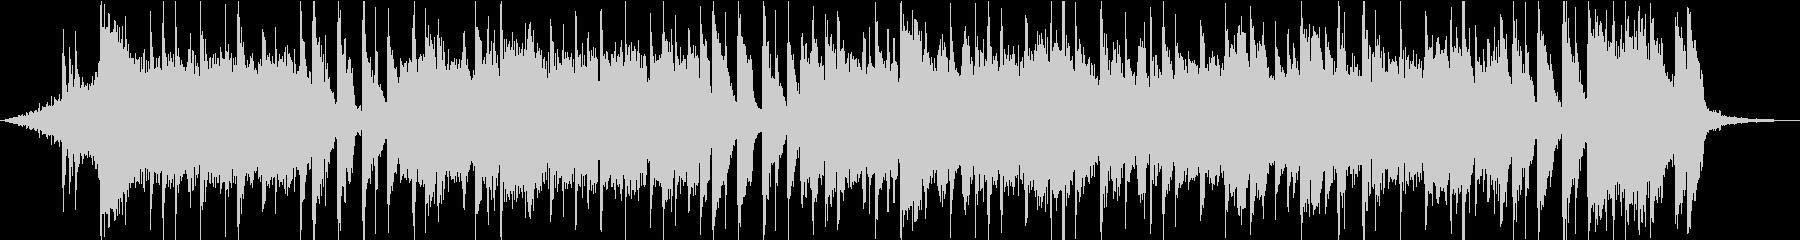 30秒のライトポップなピアノストリングスの未再生の波形